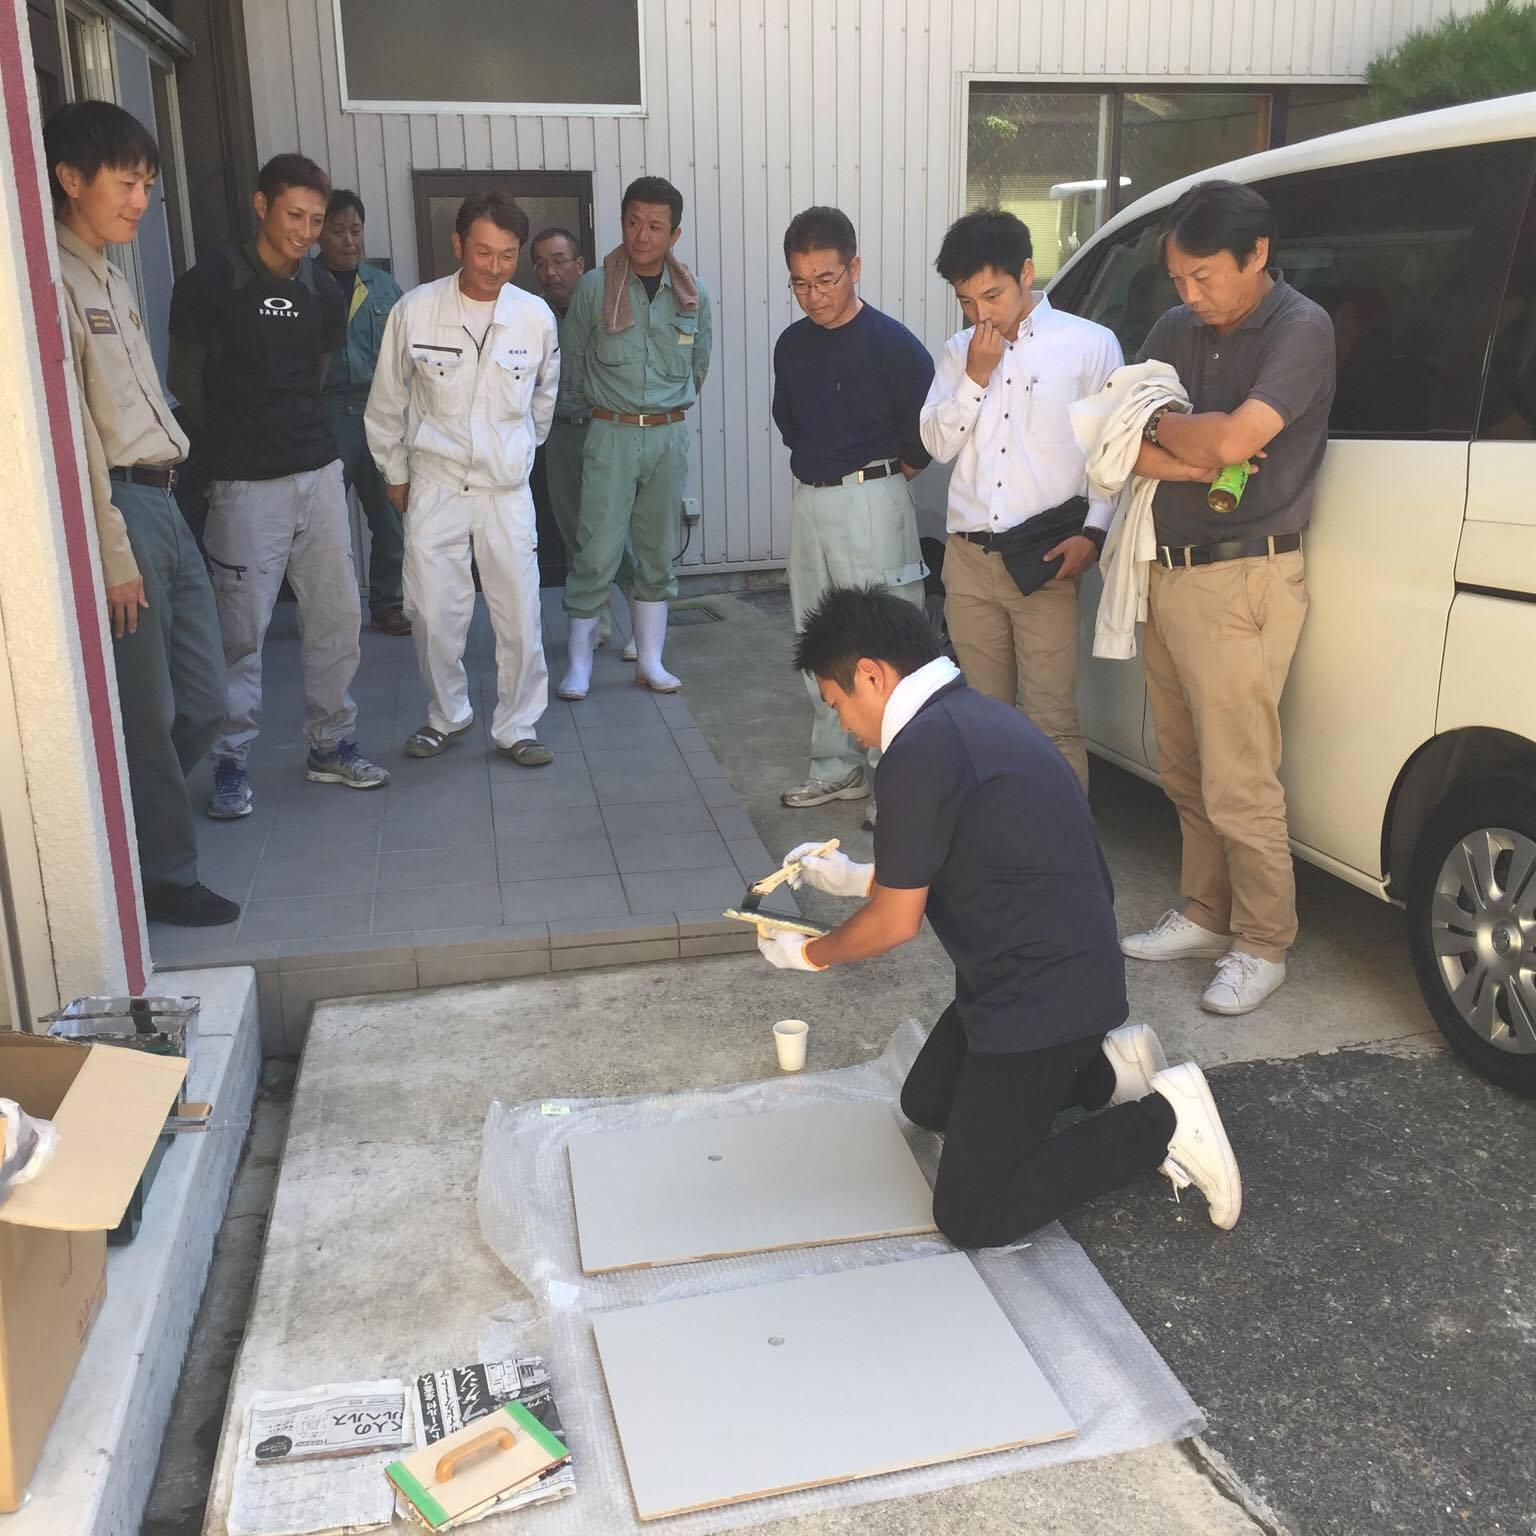 「熊本でも色合わせやります!」 色合わせ・コンクリート打ち放し・熊本・体験会